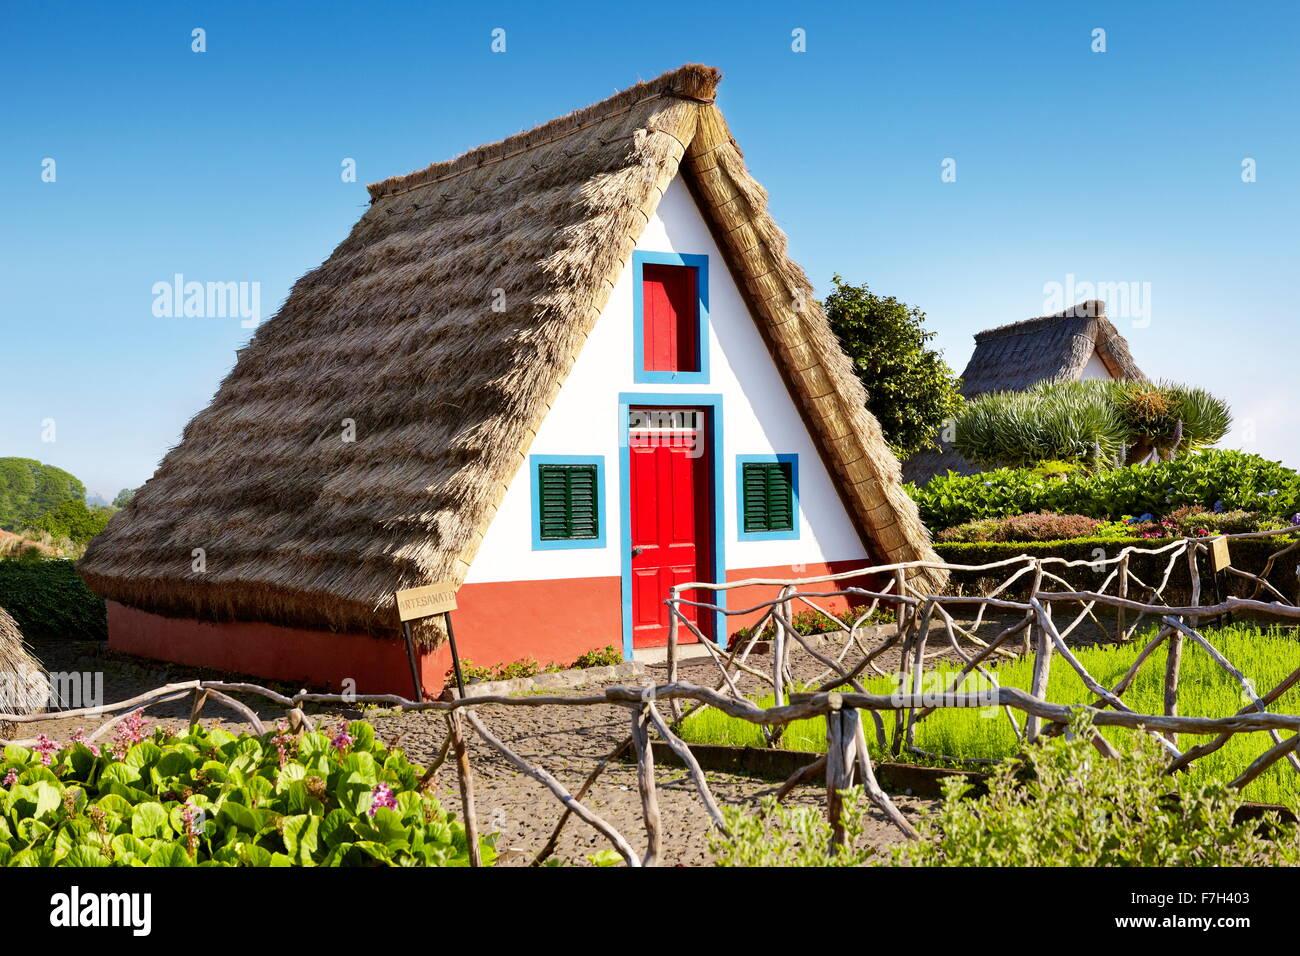 Casa tradicional palheiros - Santana, la isla de Madeira, Portugal Imagen De Stock